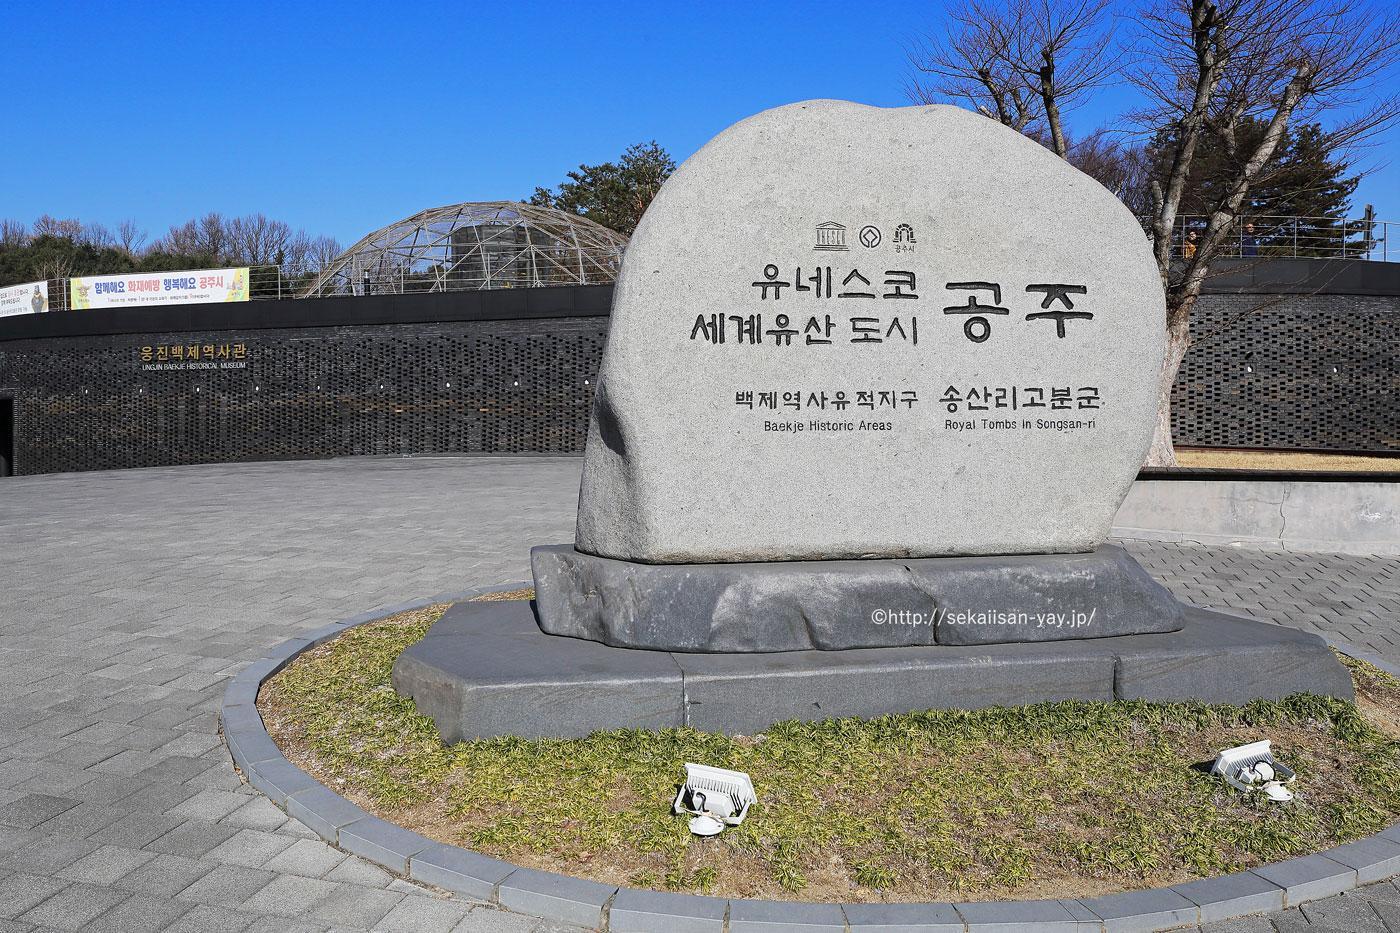 韓国の世界遺産「百済歴史地域」